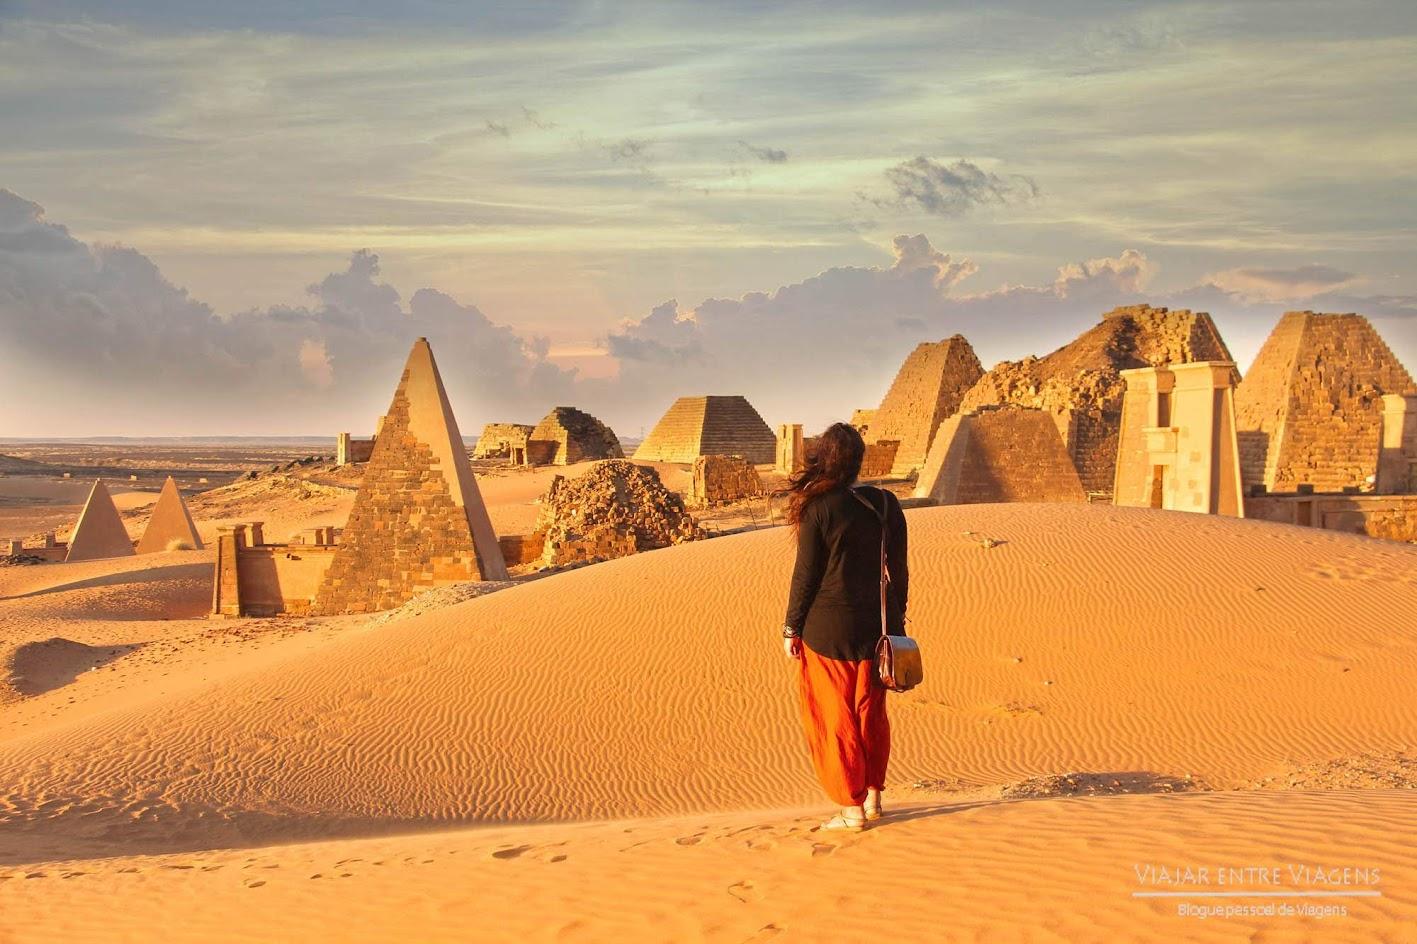 Viajar o Sudão